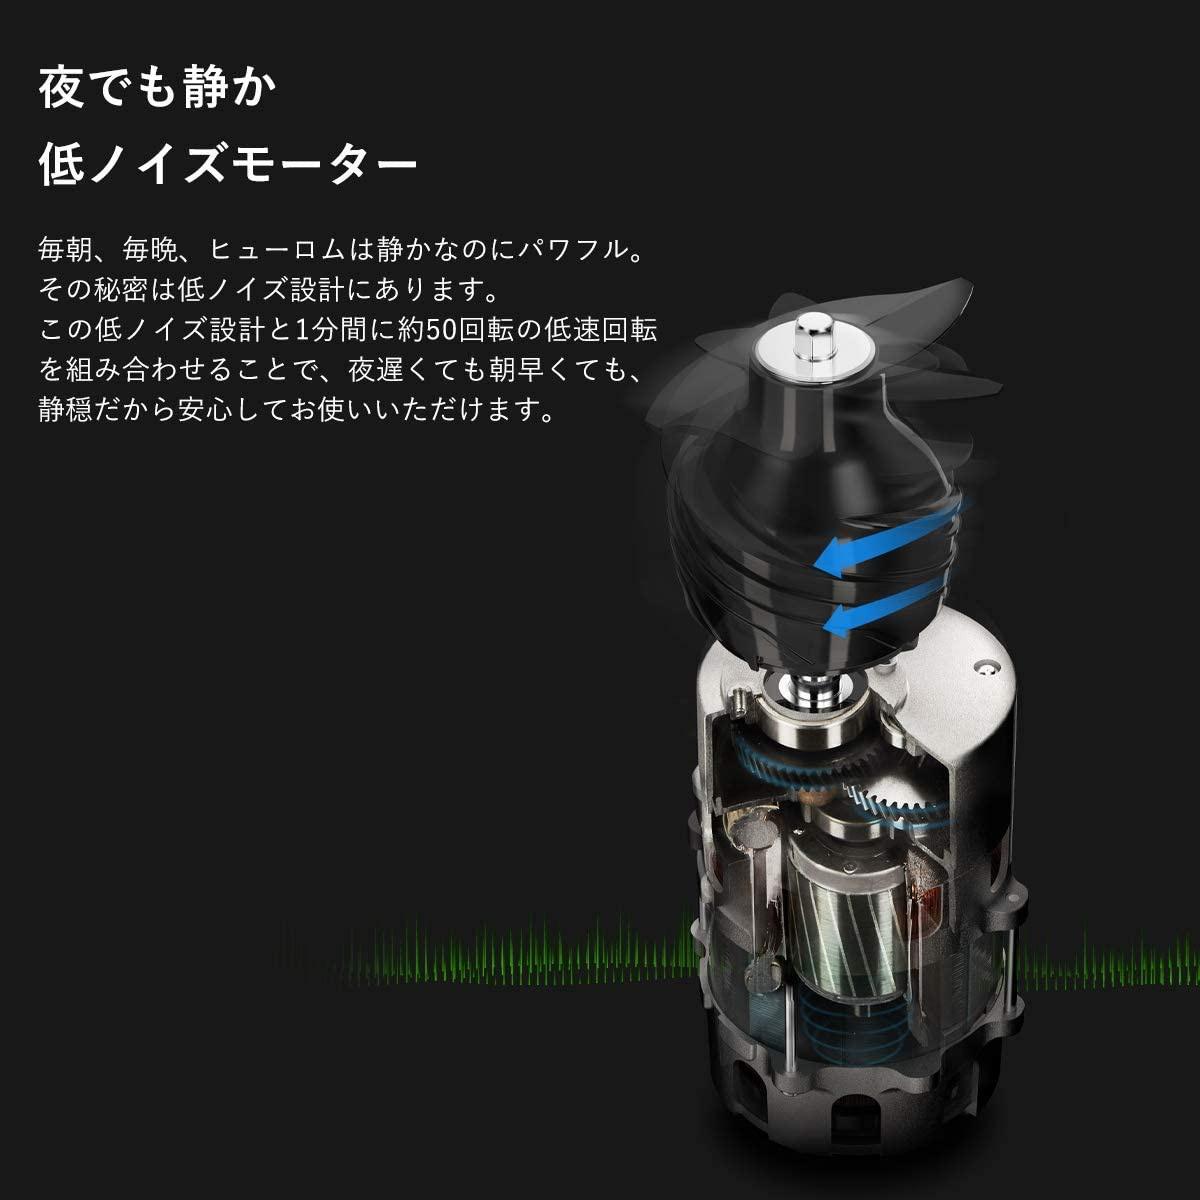 HUROM(ヒューロム) スロージューサー H-200の商品画像7